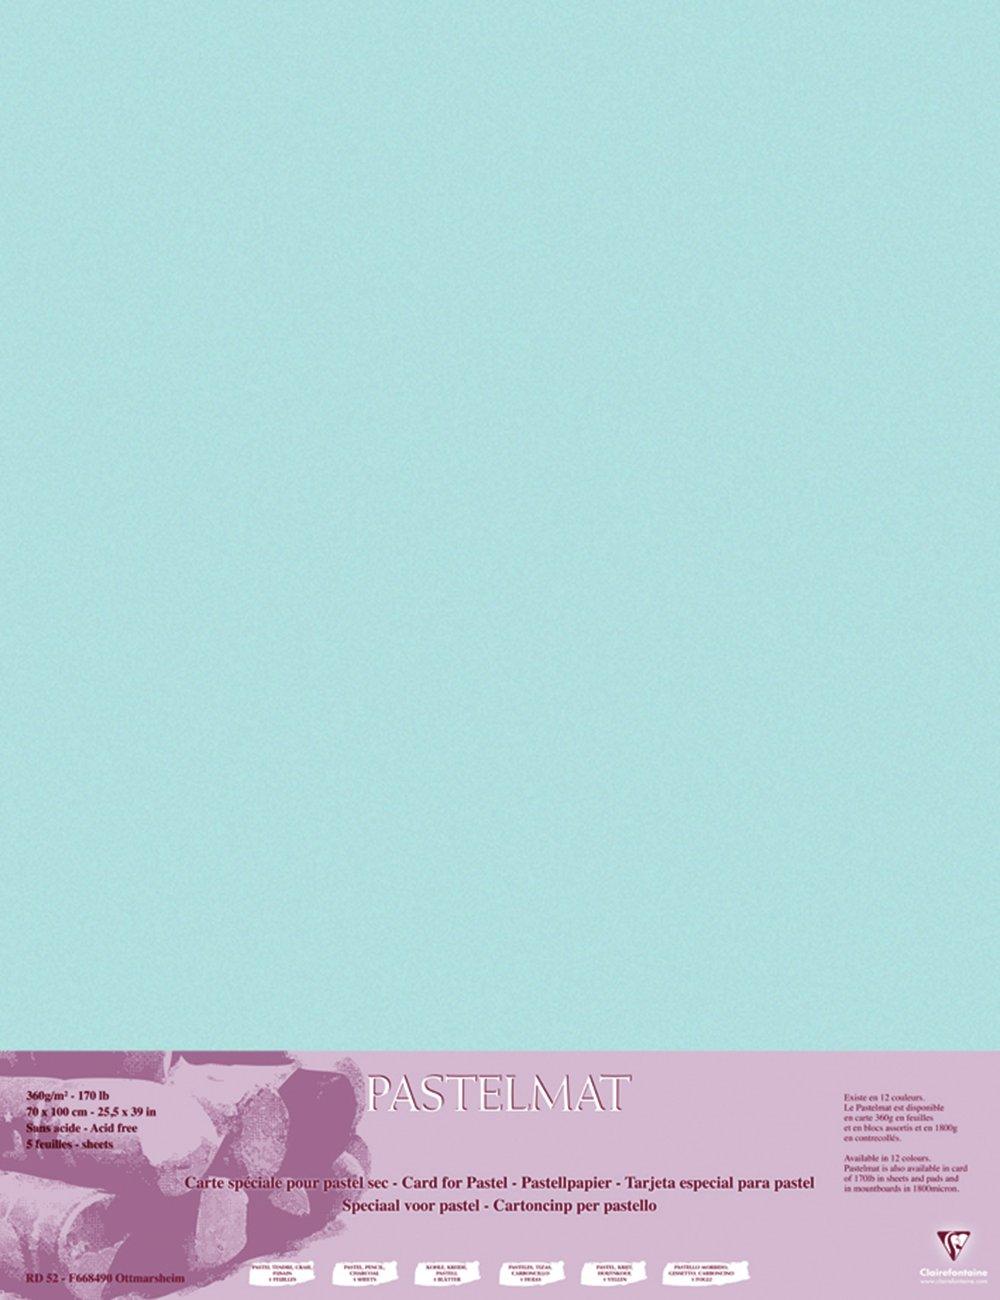 Clairefontaine 96011C Packung (mit 5 Zeichenbögen Pastelmat, Pastelmat, Pastelmat, 50 x 70 cm, 360 g, ideal für Trockentechniken und Pastell) braun B017NEHAQ2 | Spielen Sie das Beste  be5b7c